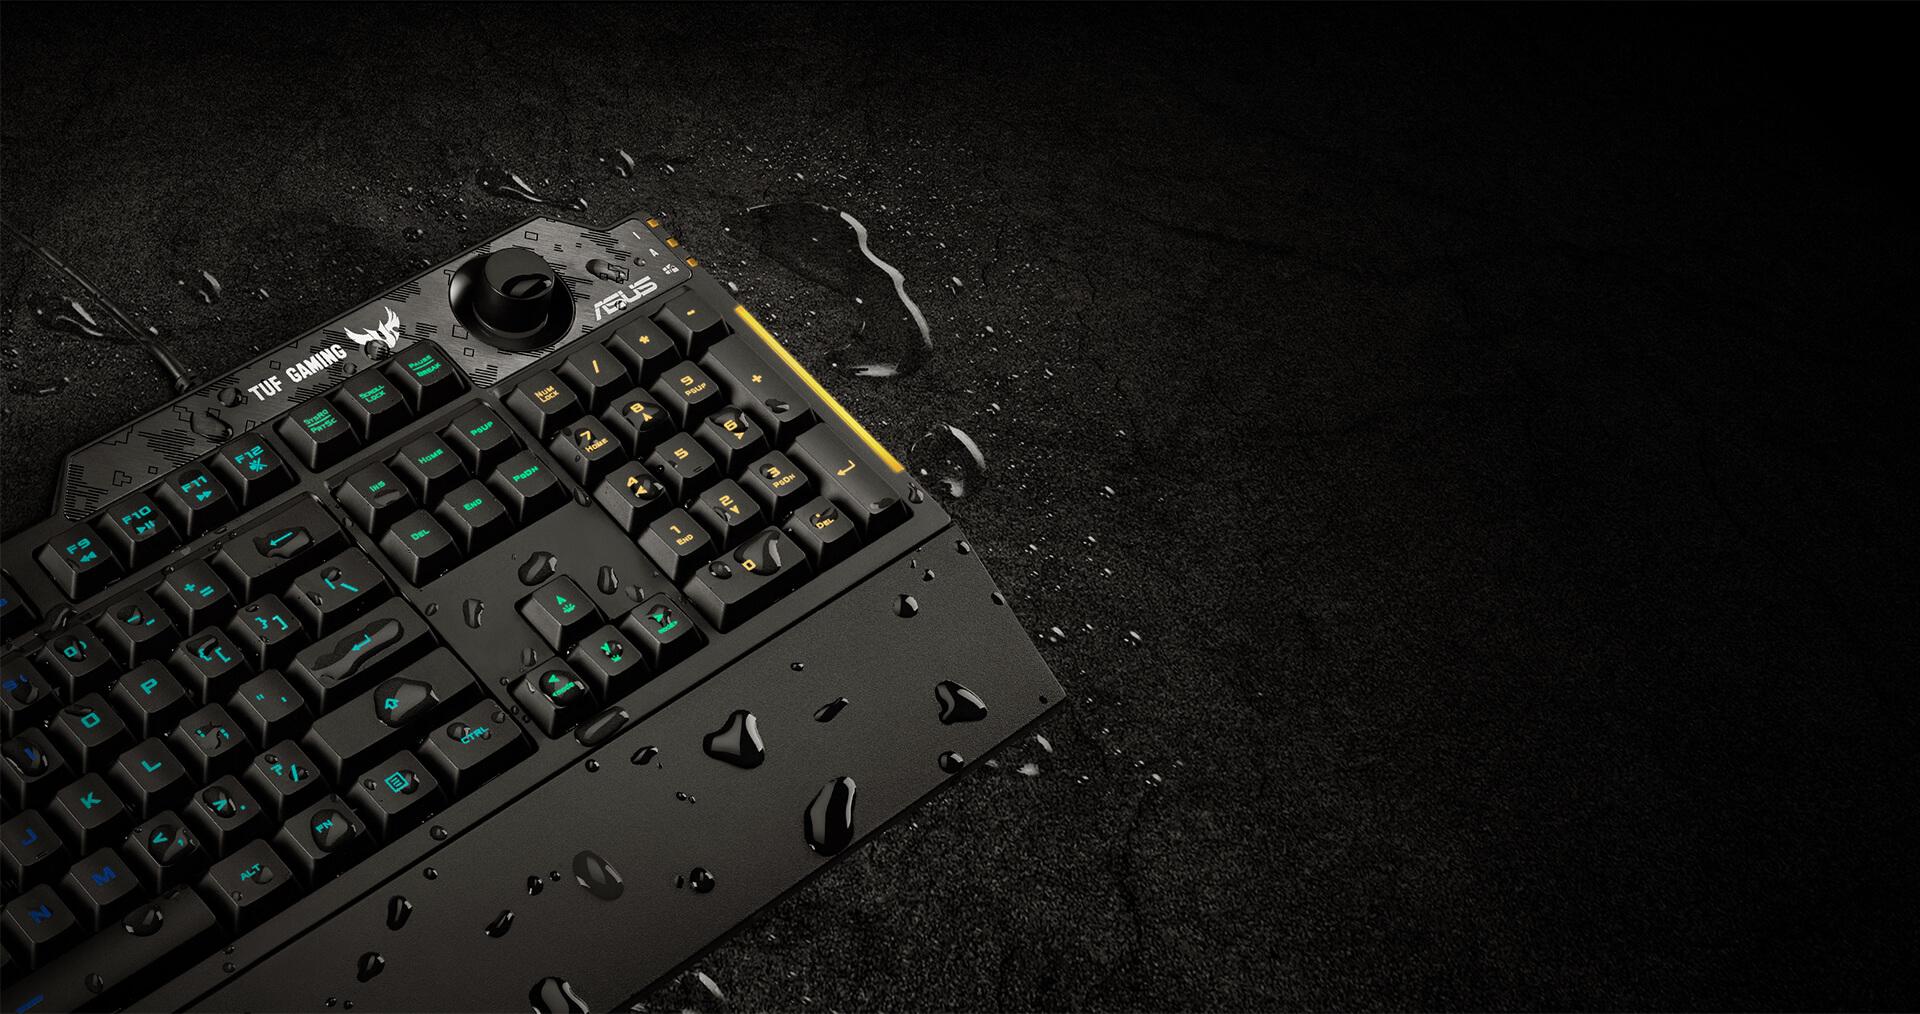 Lớp vỏ đặc biệt của Bàn phím Gaming Asus TUF K1 RGB